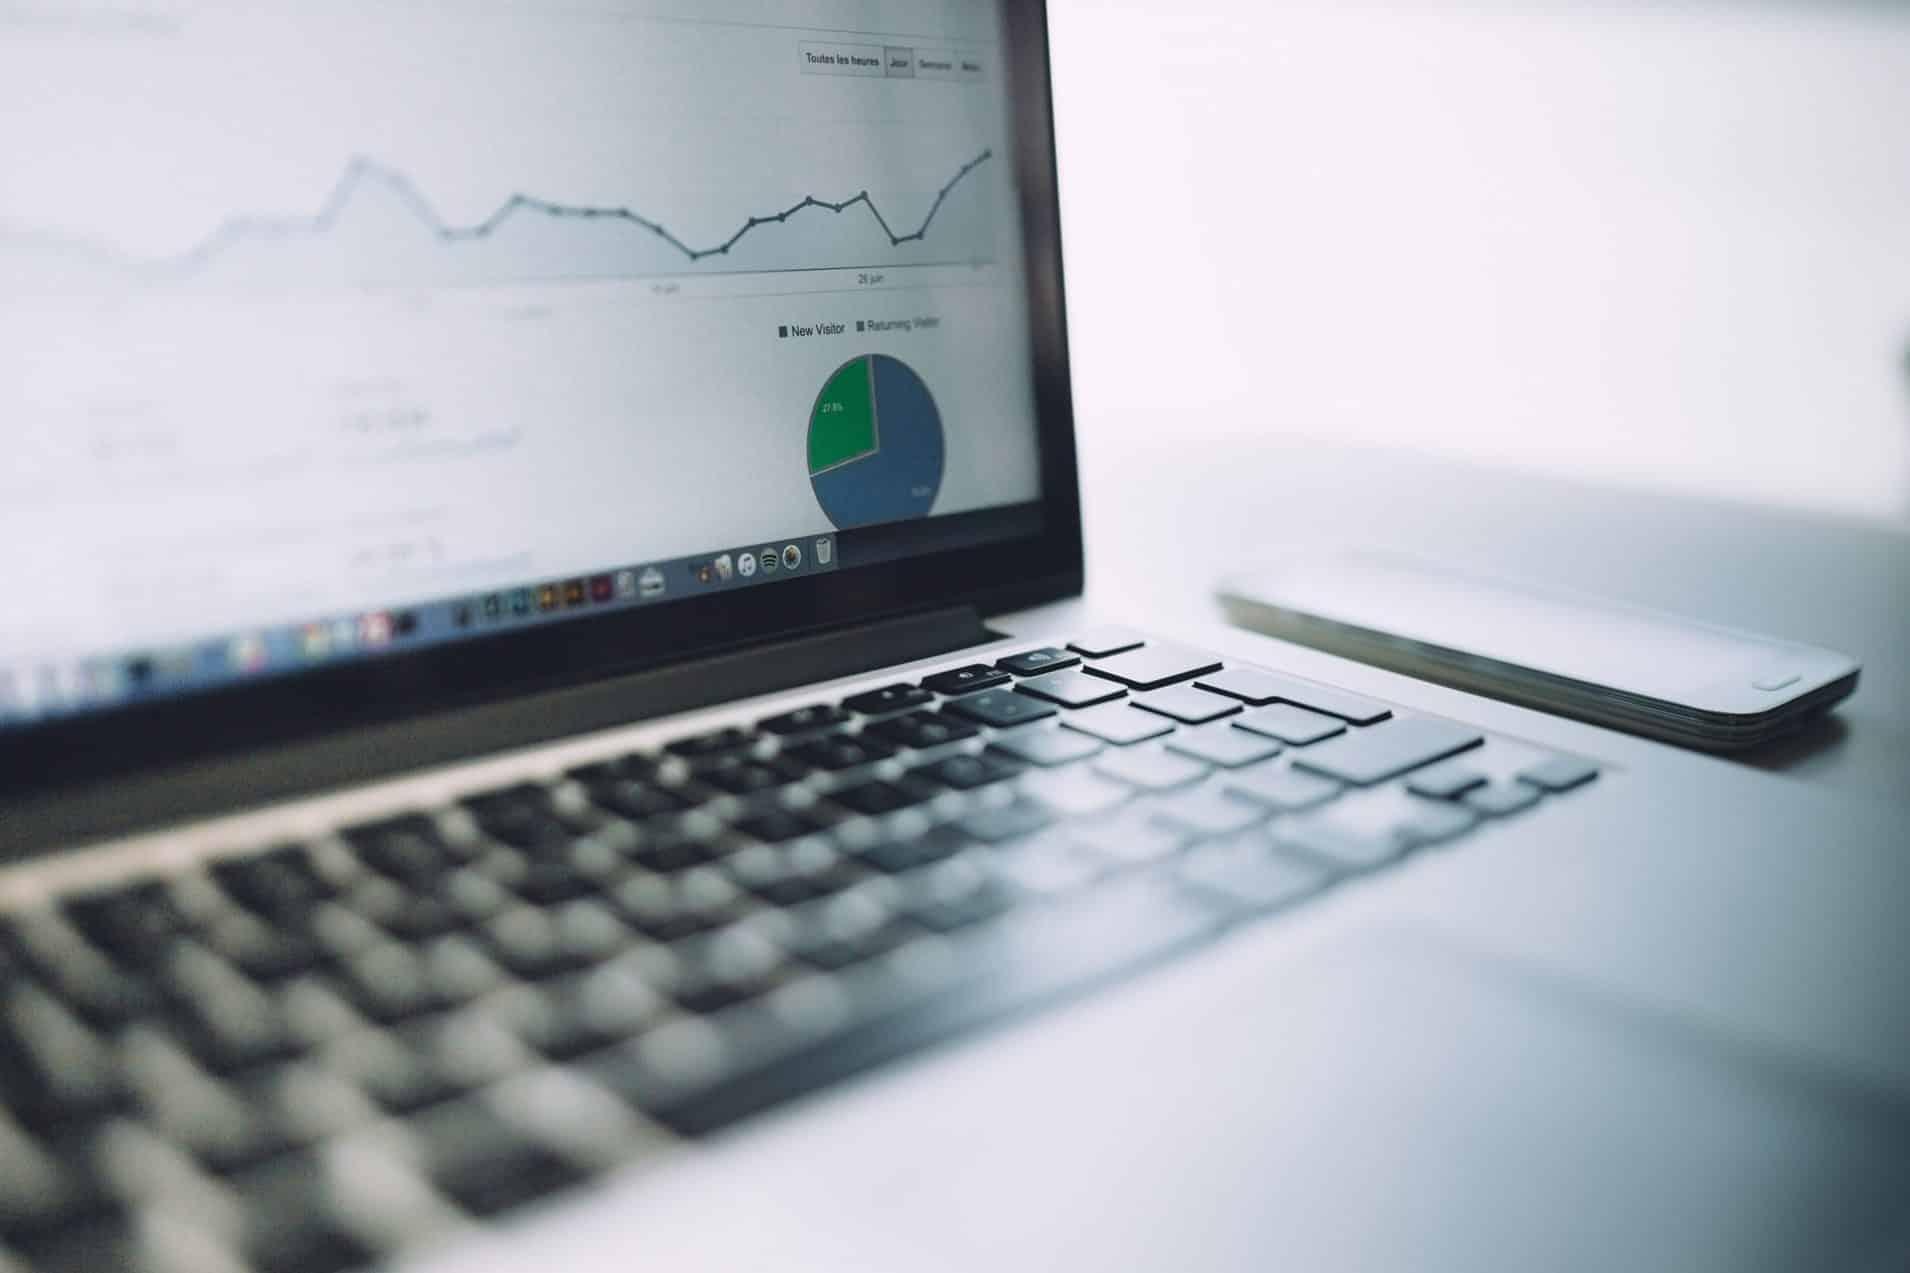 ¿Sabes quién ha visitado tu web? Monitoriza tu web para vender más